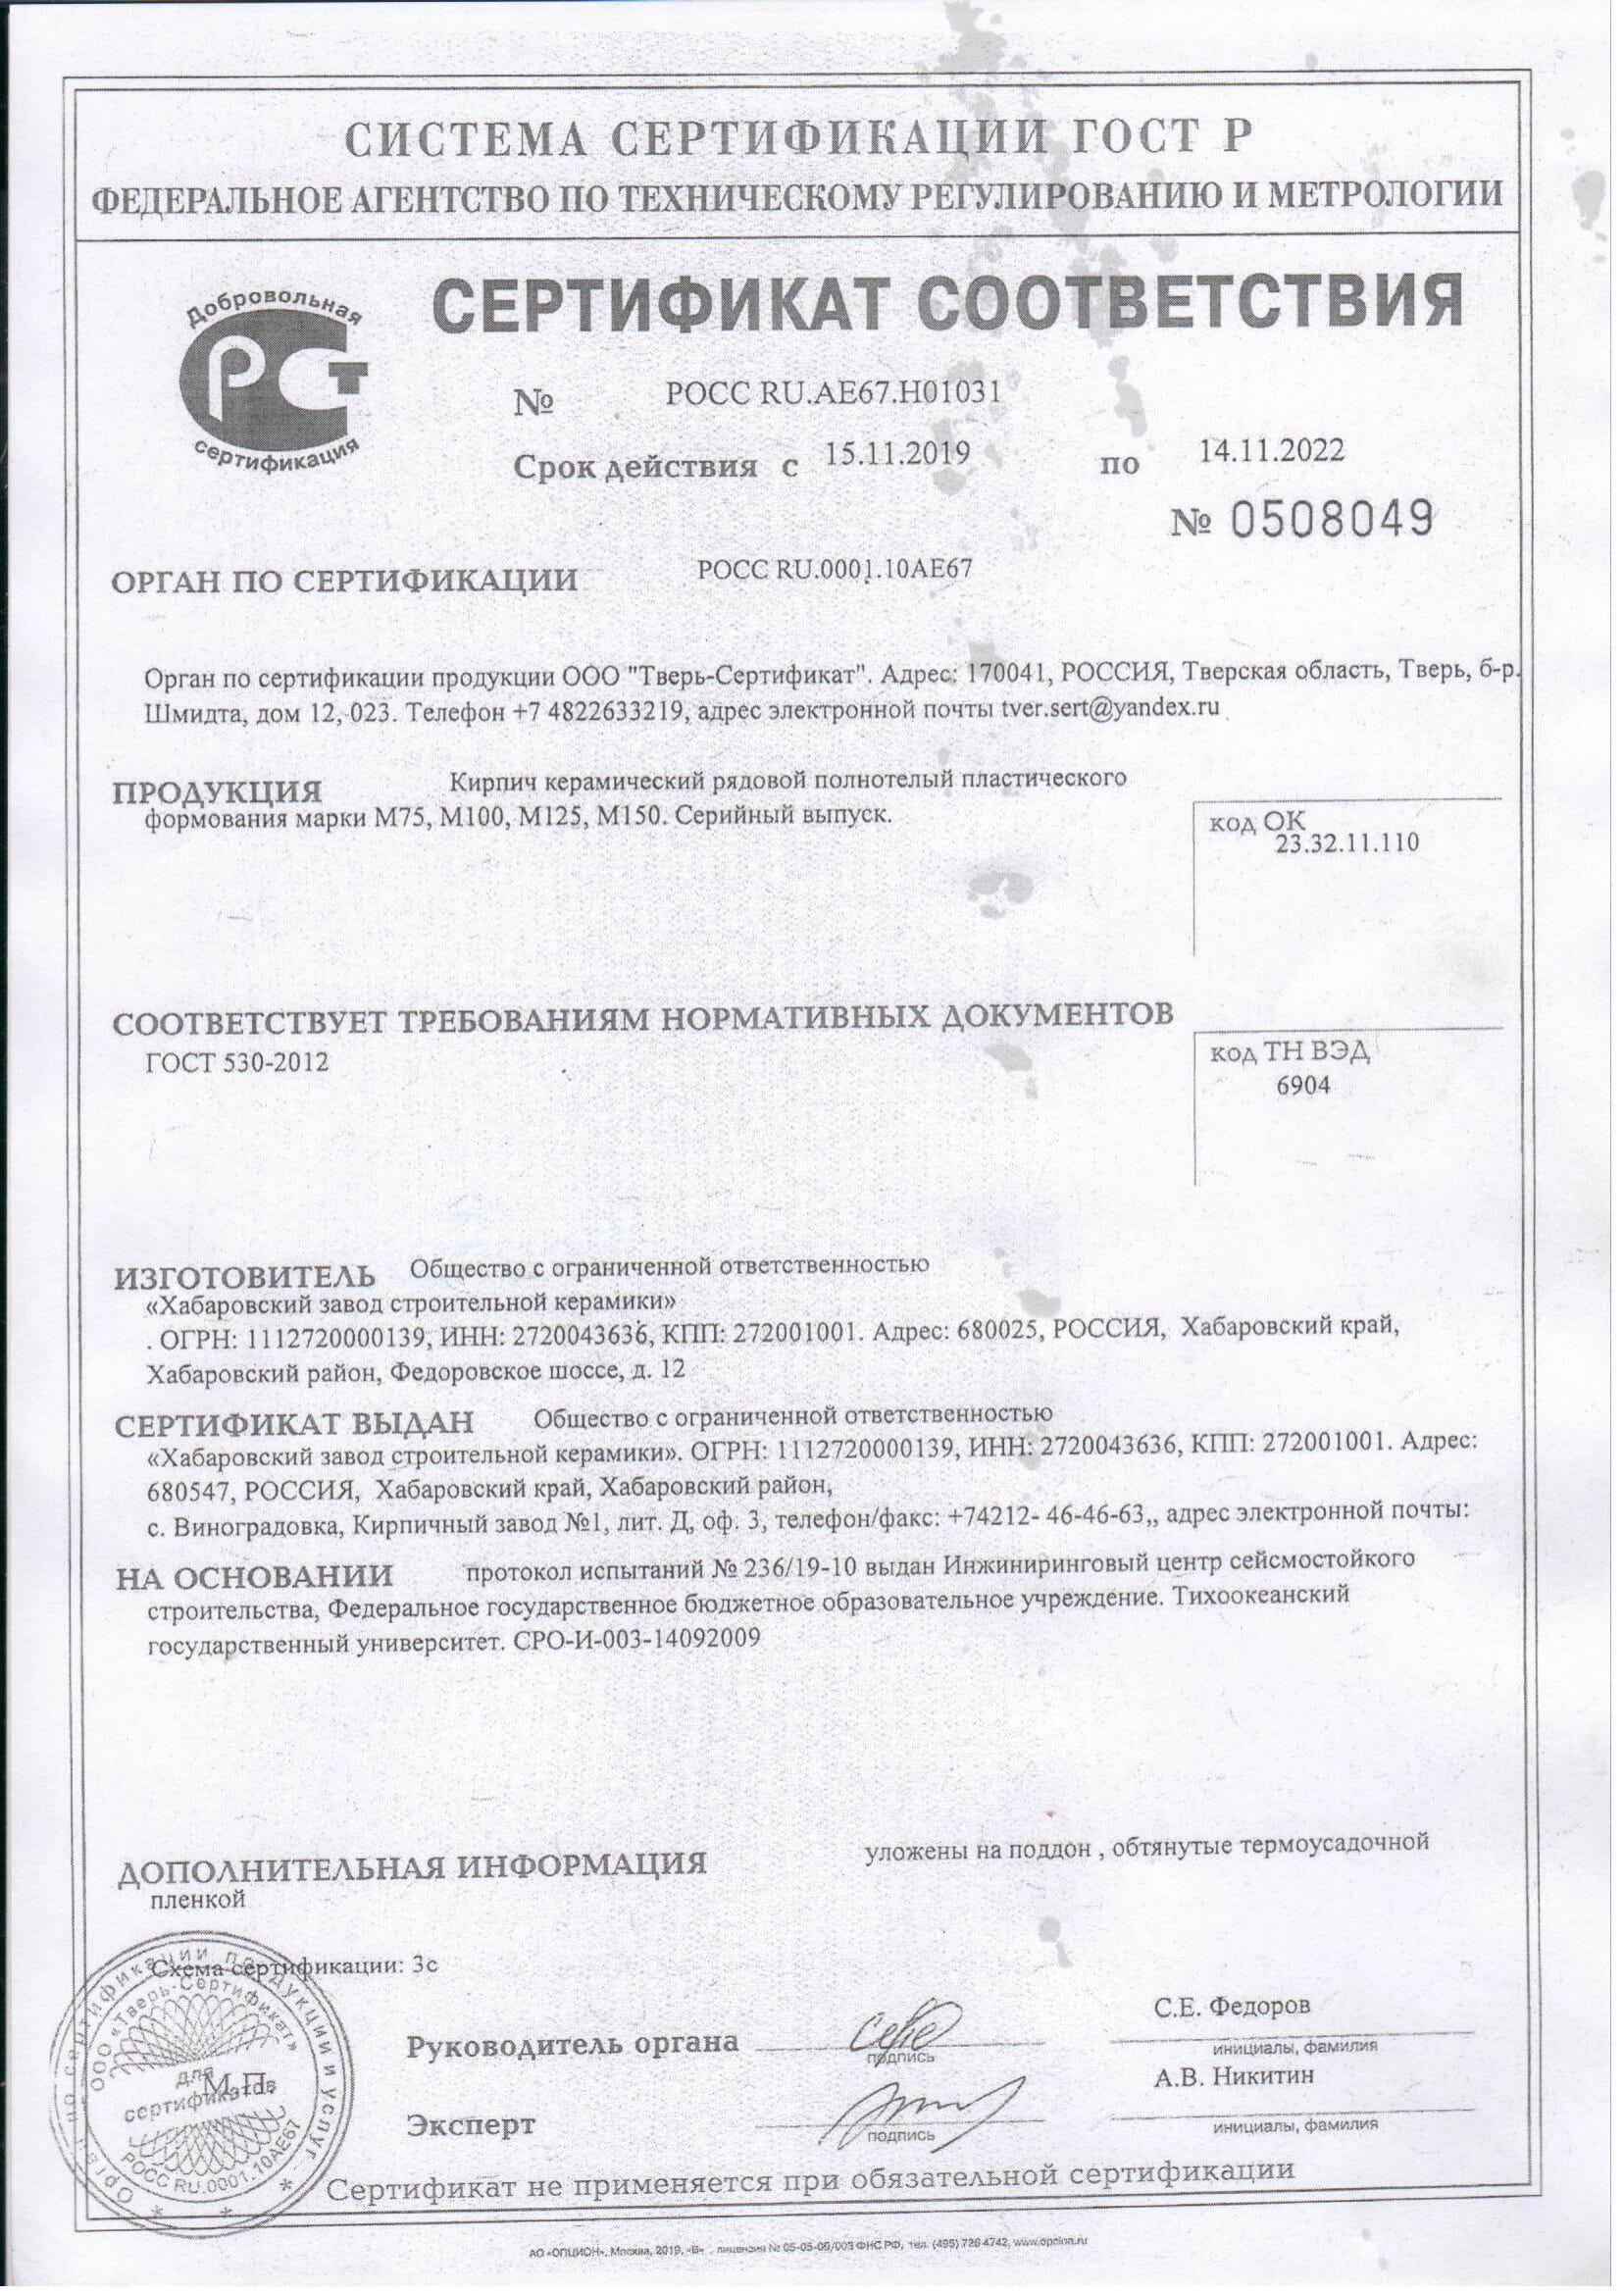 сертификат соответствия кирпич 2019-1